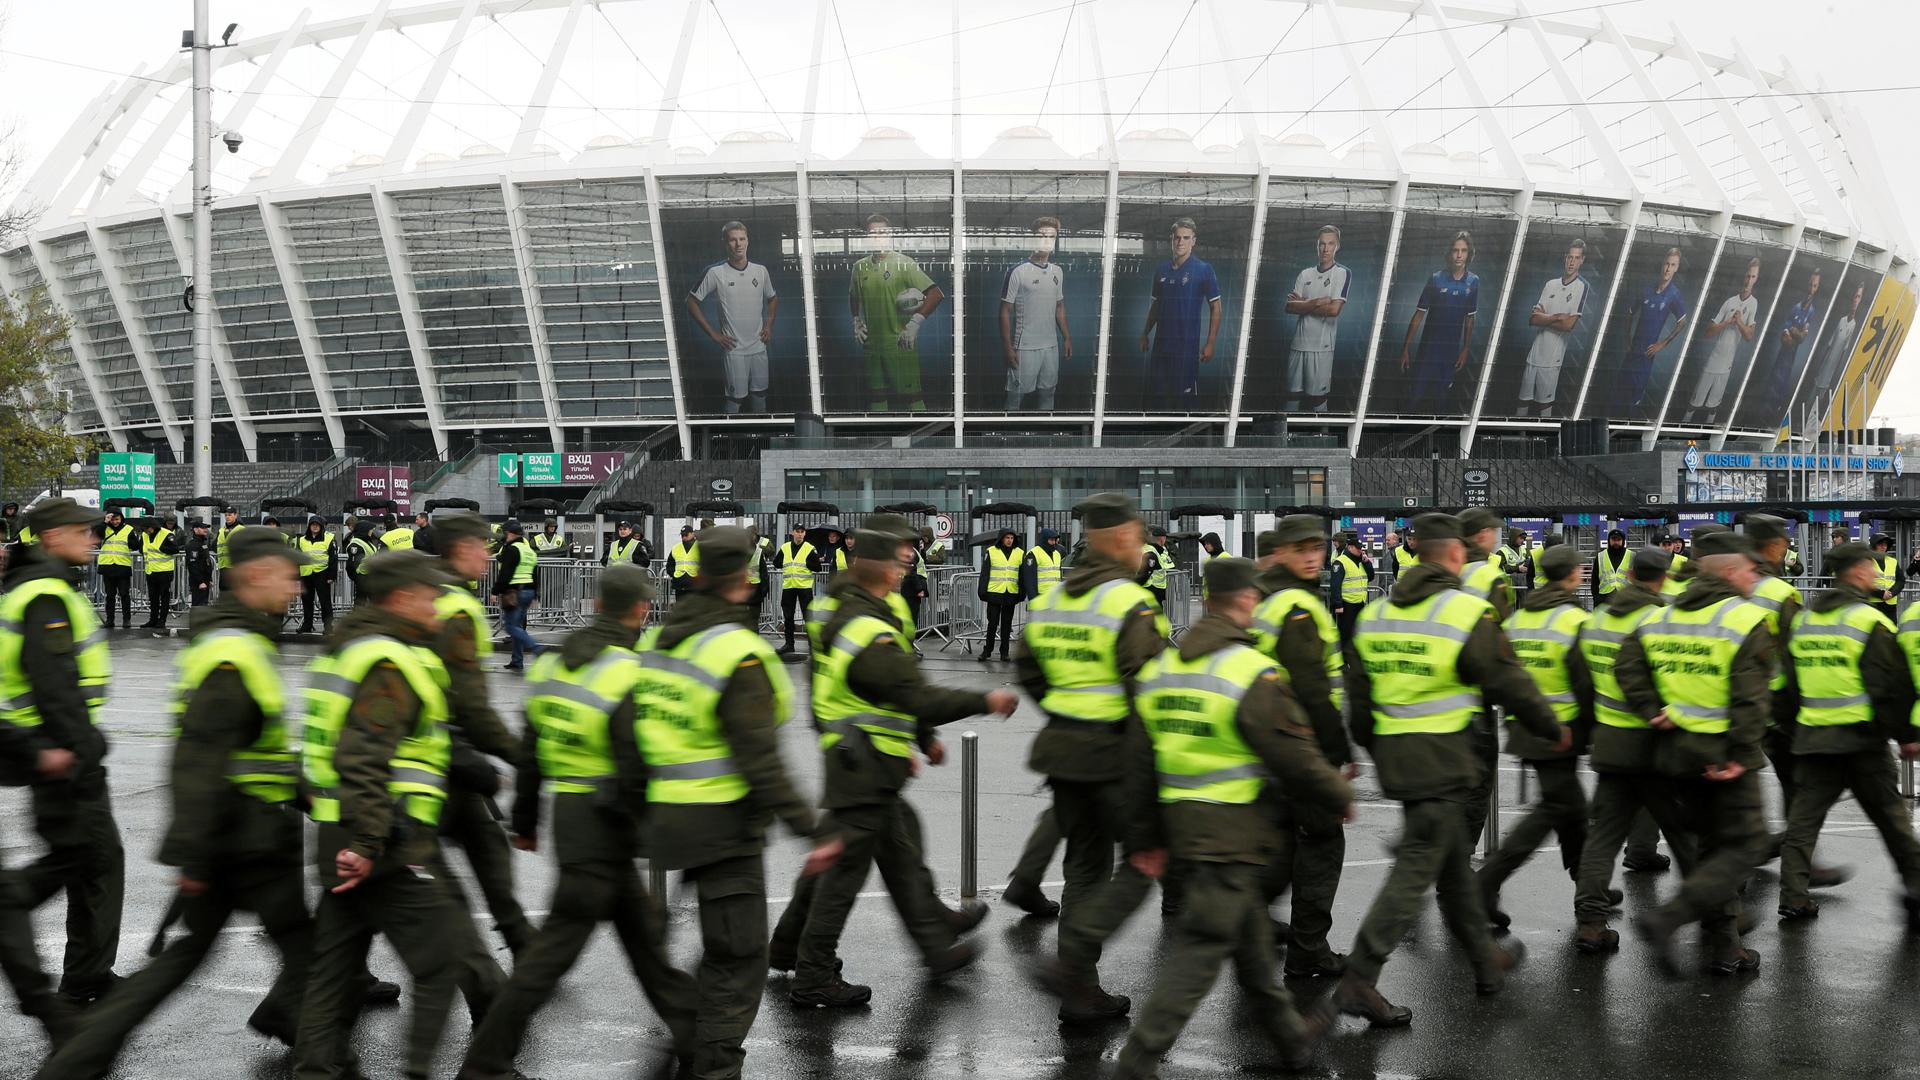 El Gran Debate Se Celebra En Ucrania 60 000 Personas En El Estadio Olimpico De Kiev Para Ver El Poloshenko Zelenski